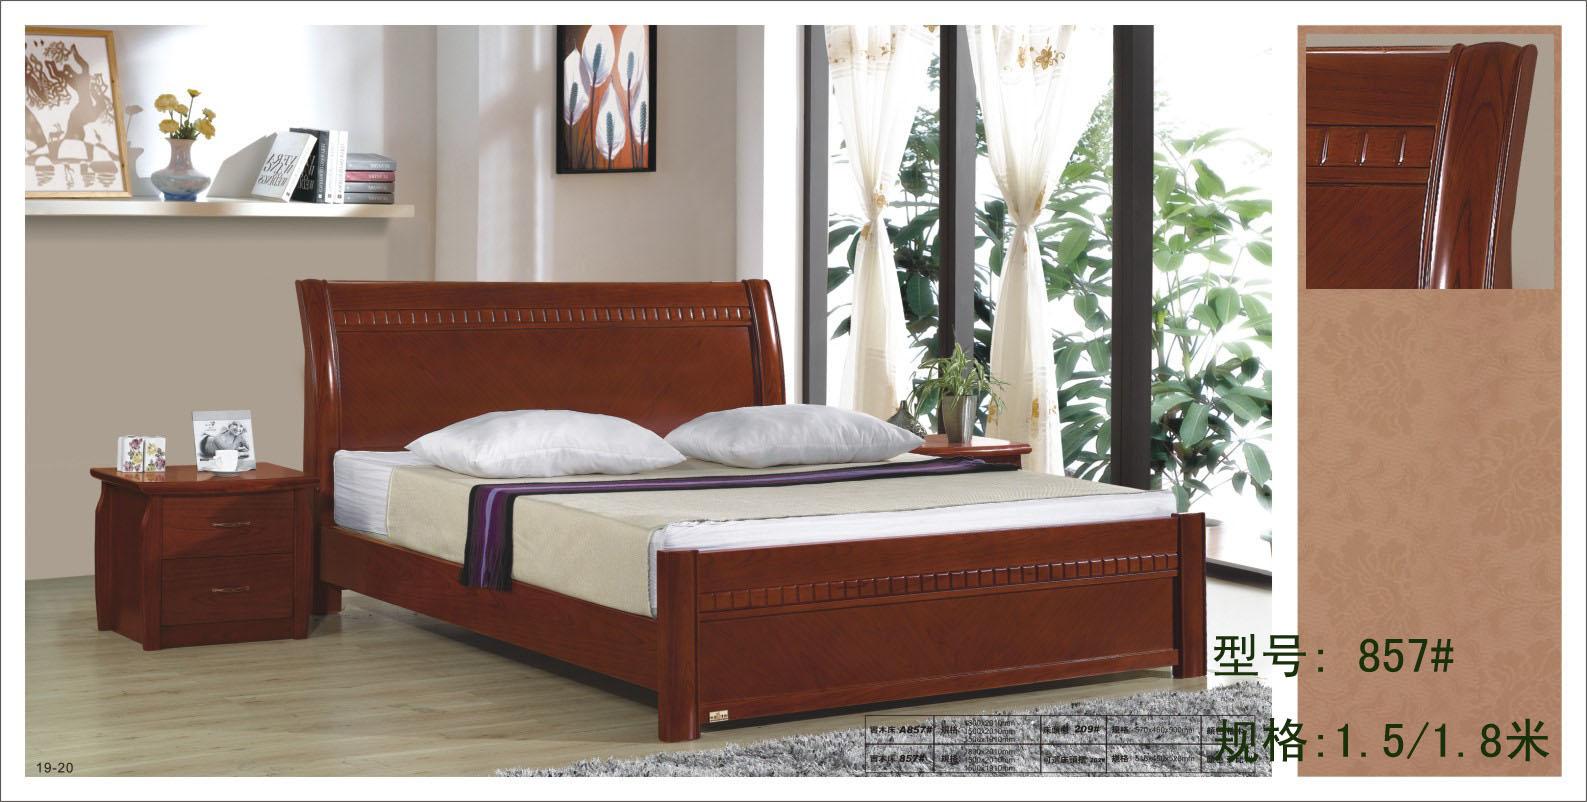 晚安德国榉木系列实木床